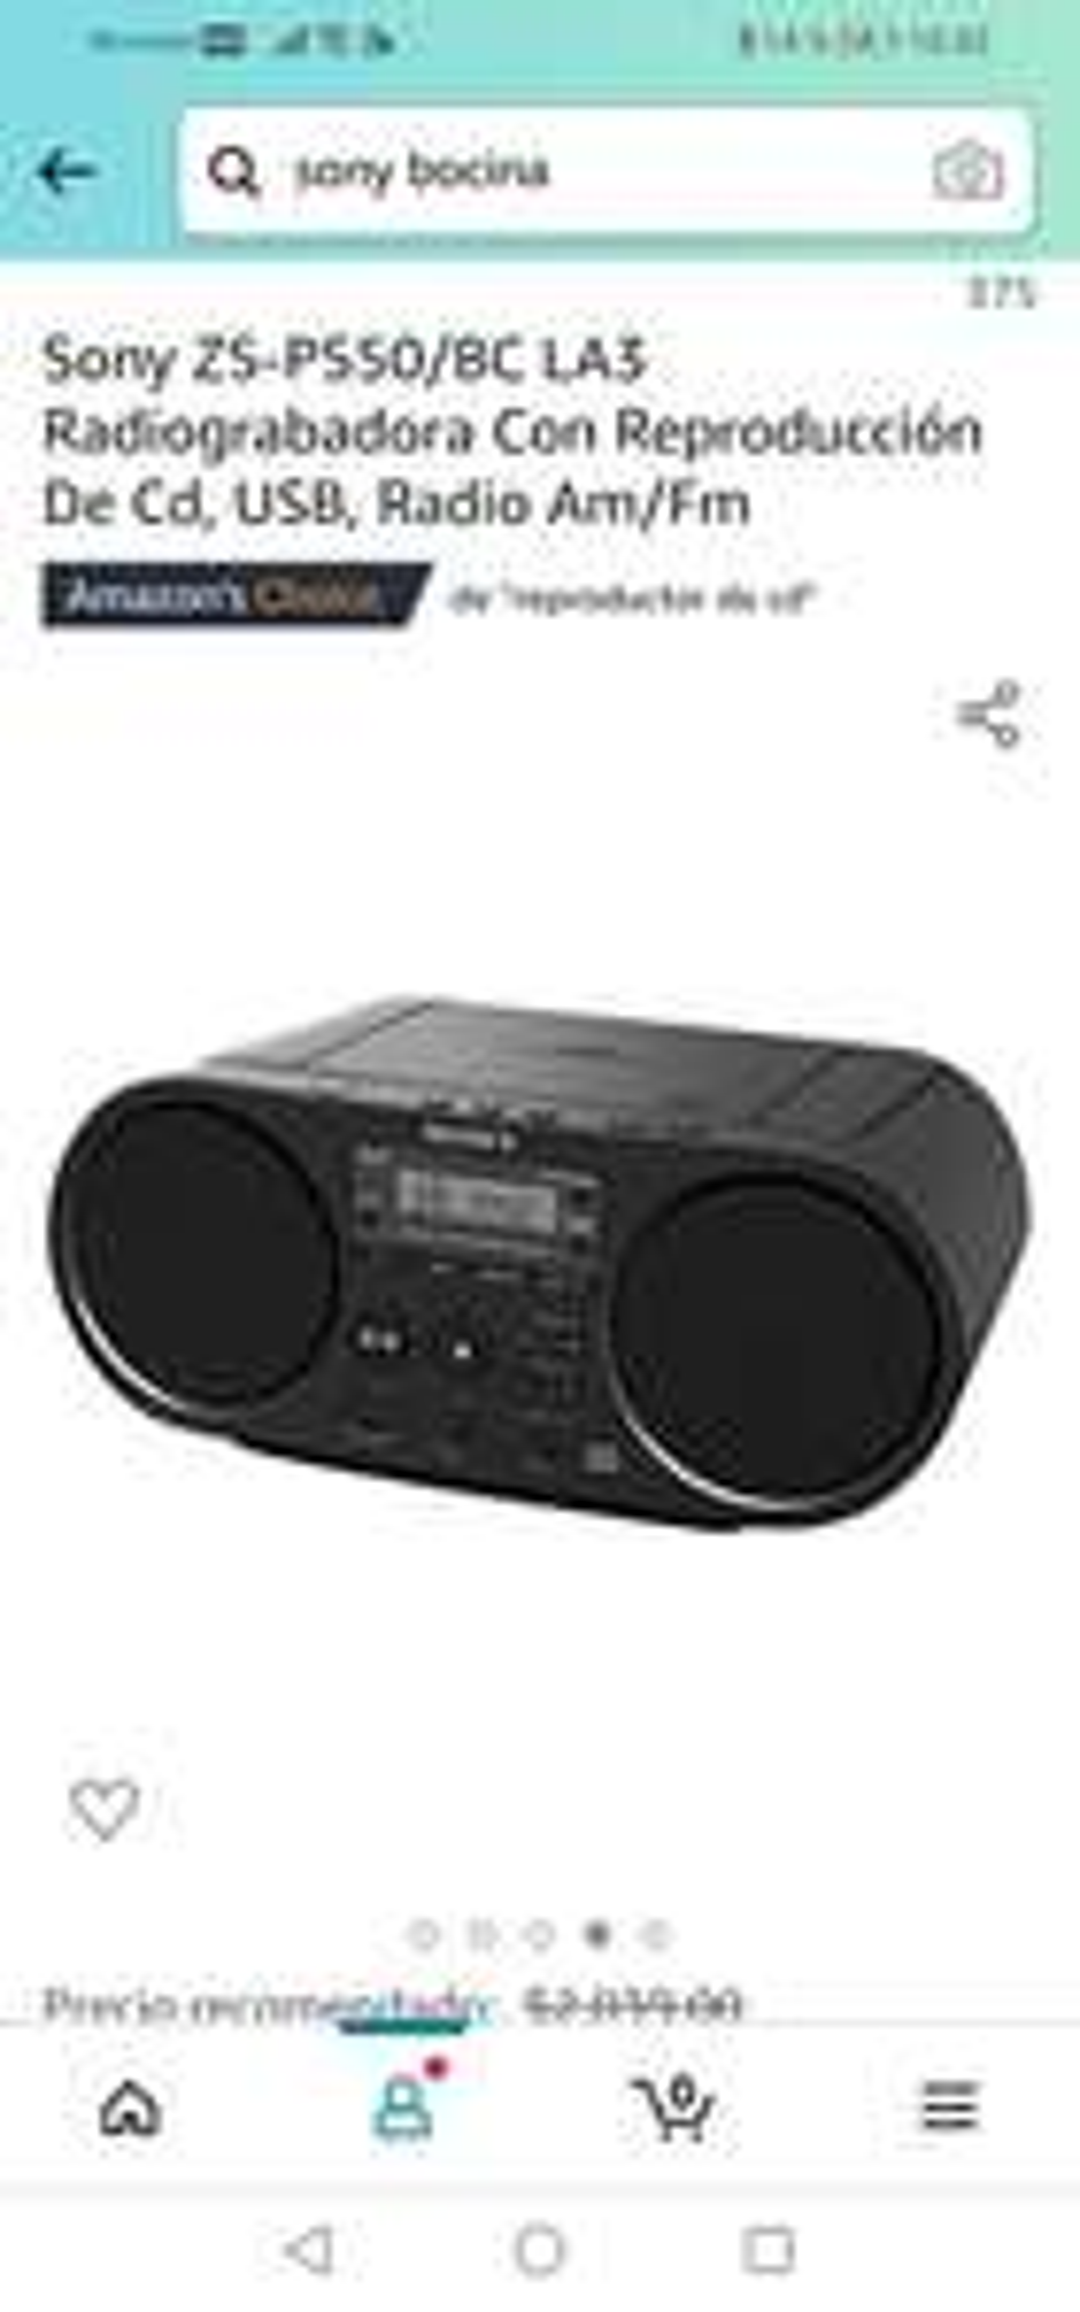 Amazon : Sony ZS-PS50/BC LA3 Radiograbadora Con Reproducción De Cd, USB, Radio Am/Fm